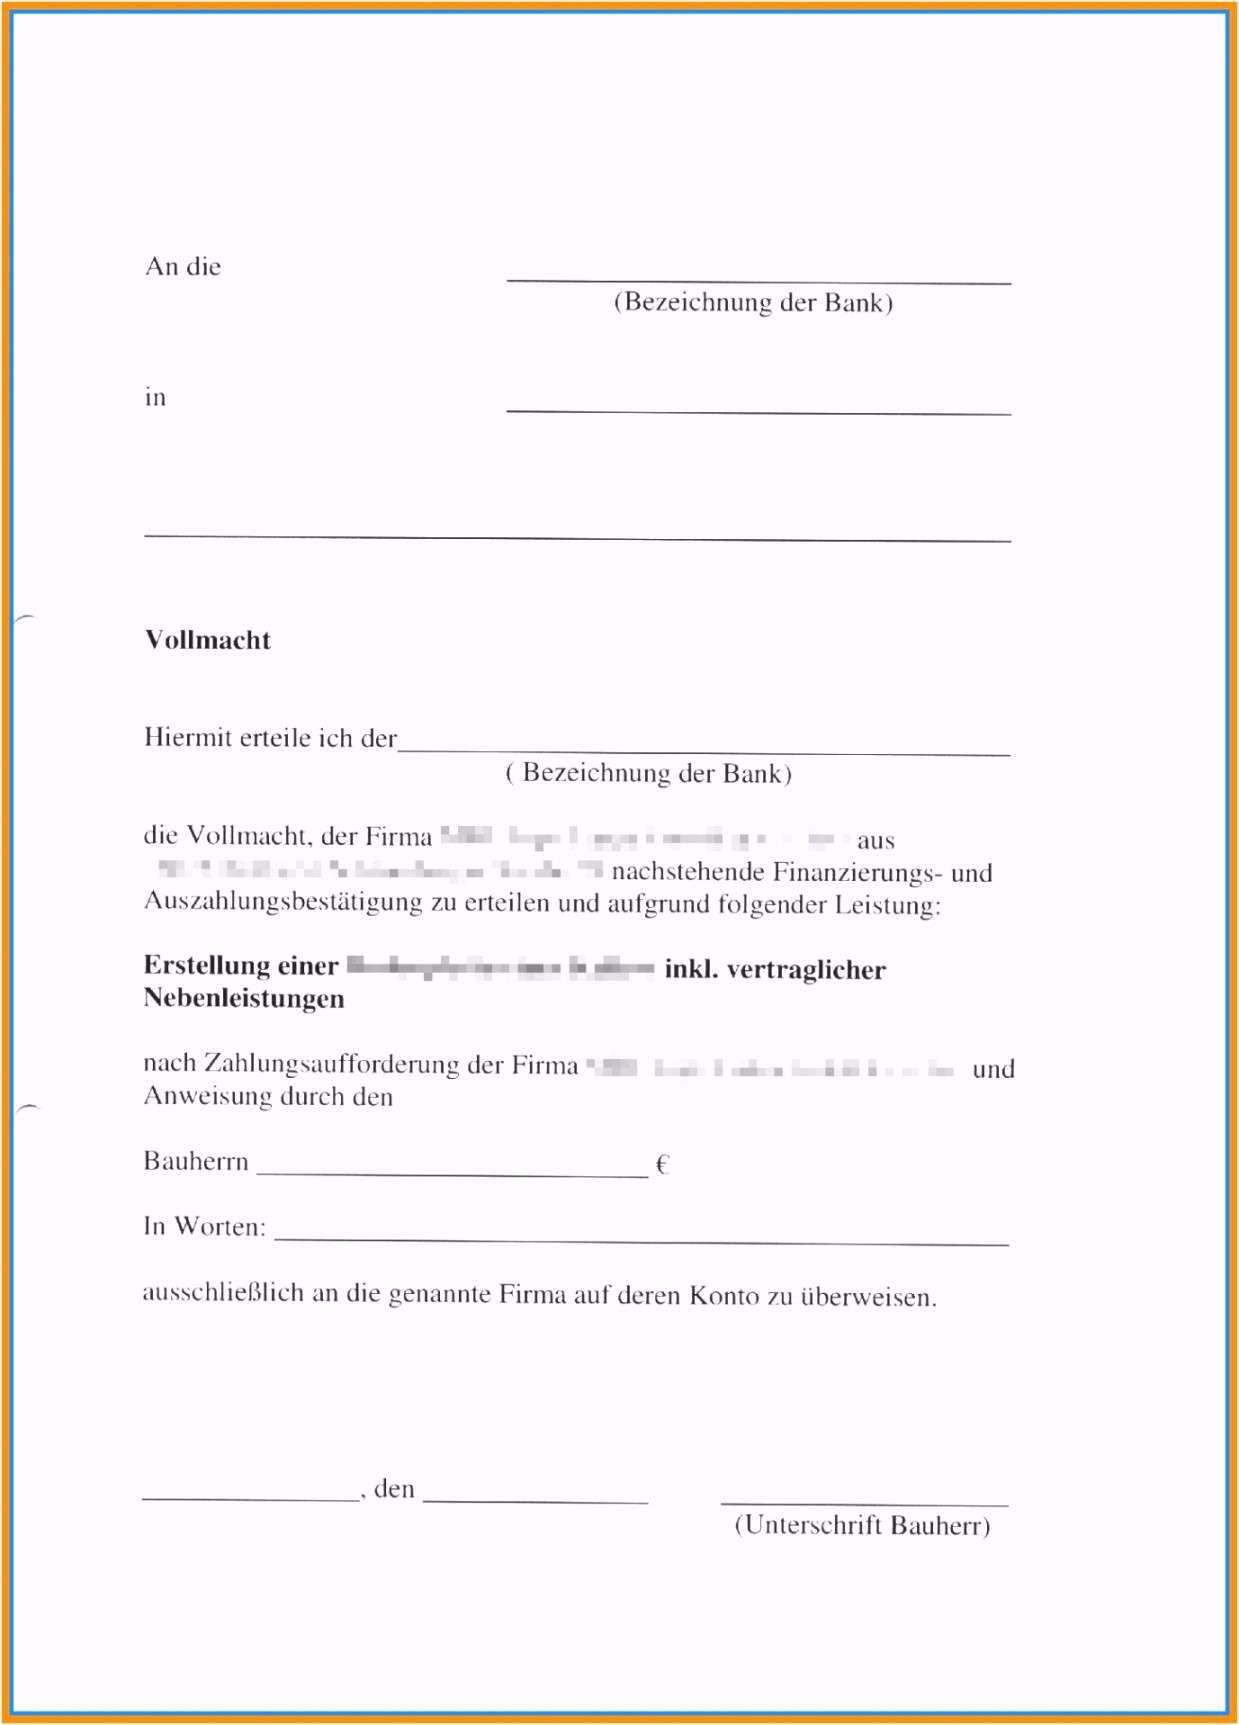 Beeindruckend Vollmacht Zur Vorlage Bei Der Zulassungsbehorde In 2020 Vorlagen Word Flyer Vorlage Vorlagen